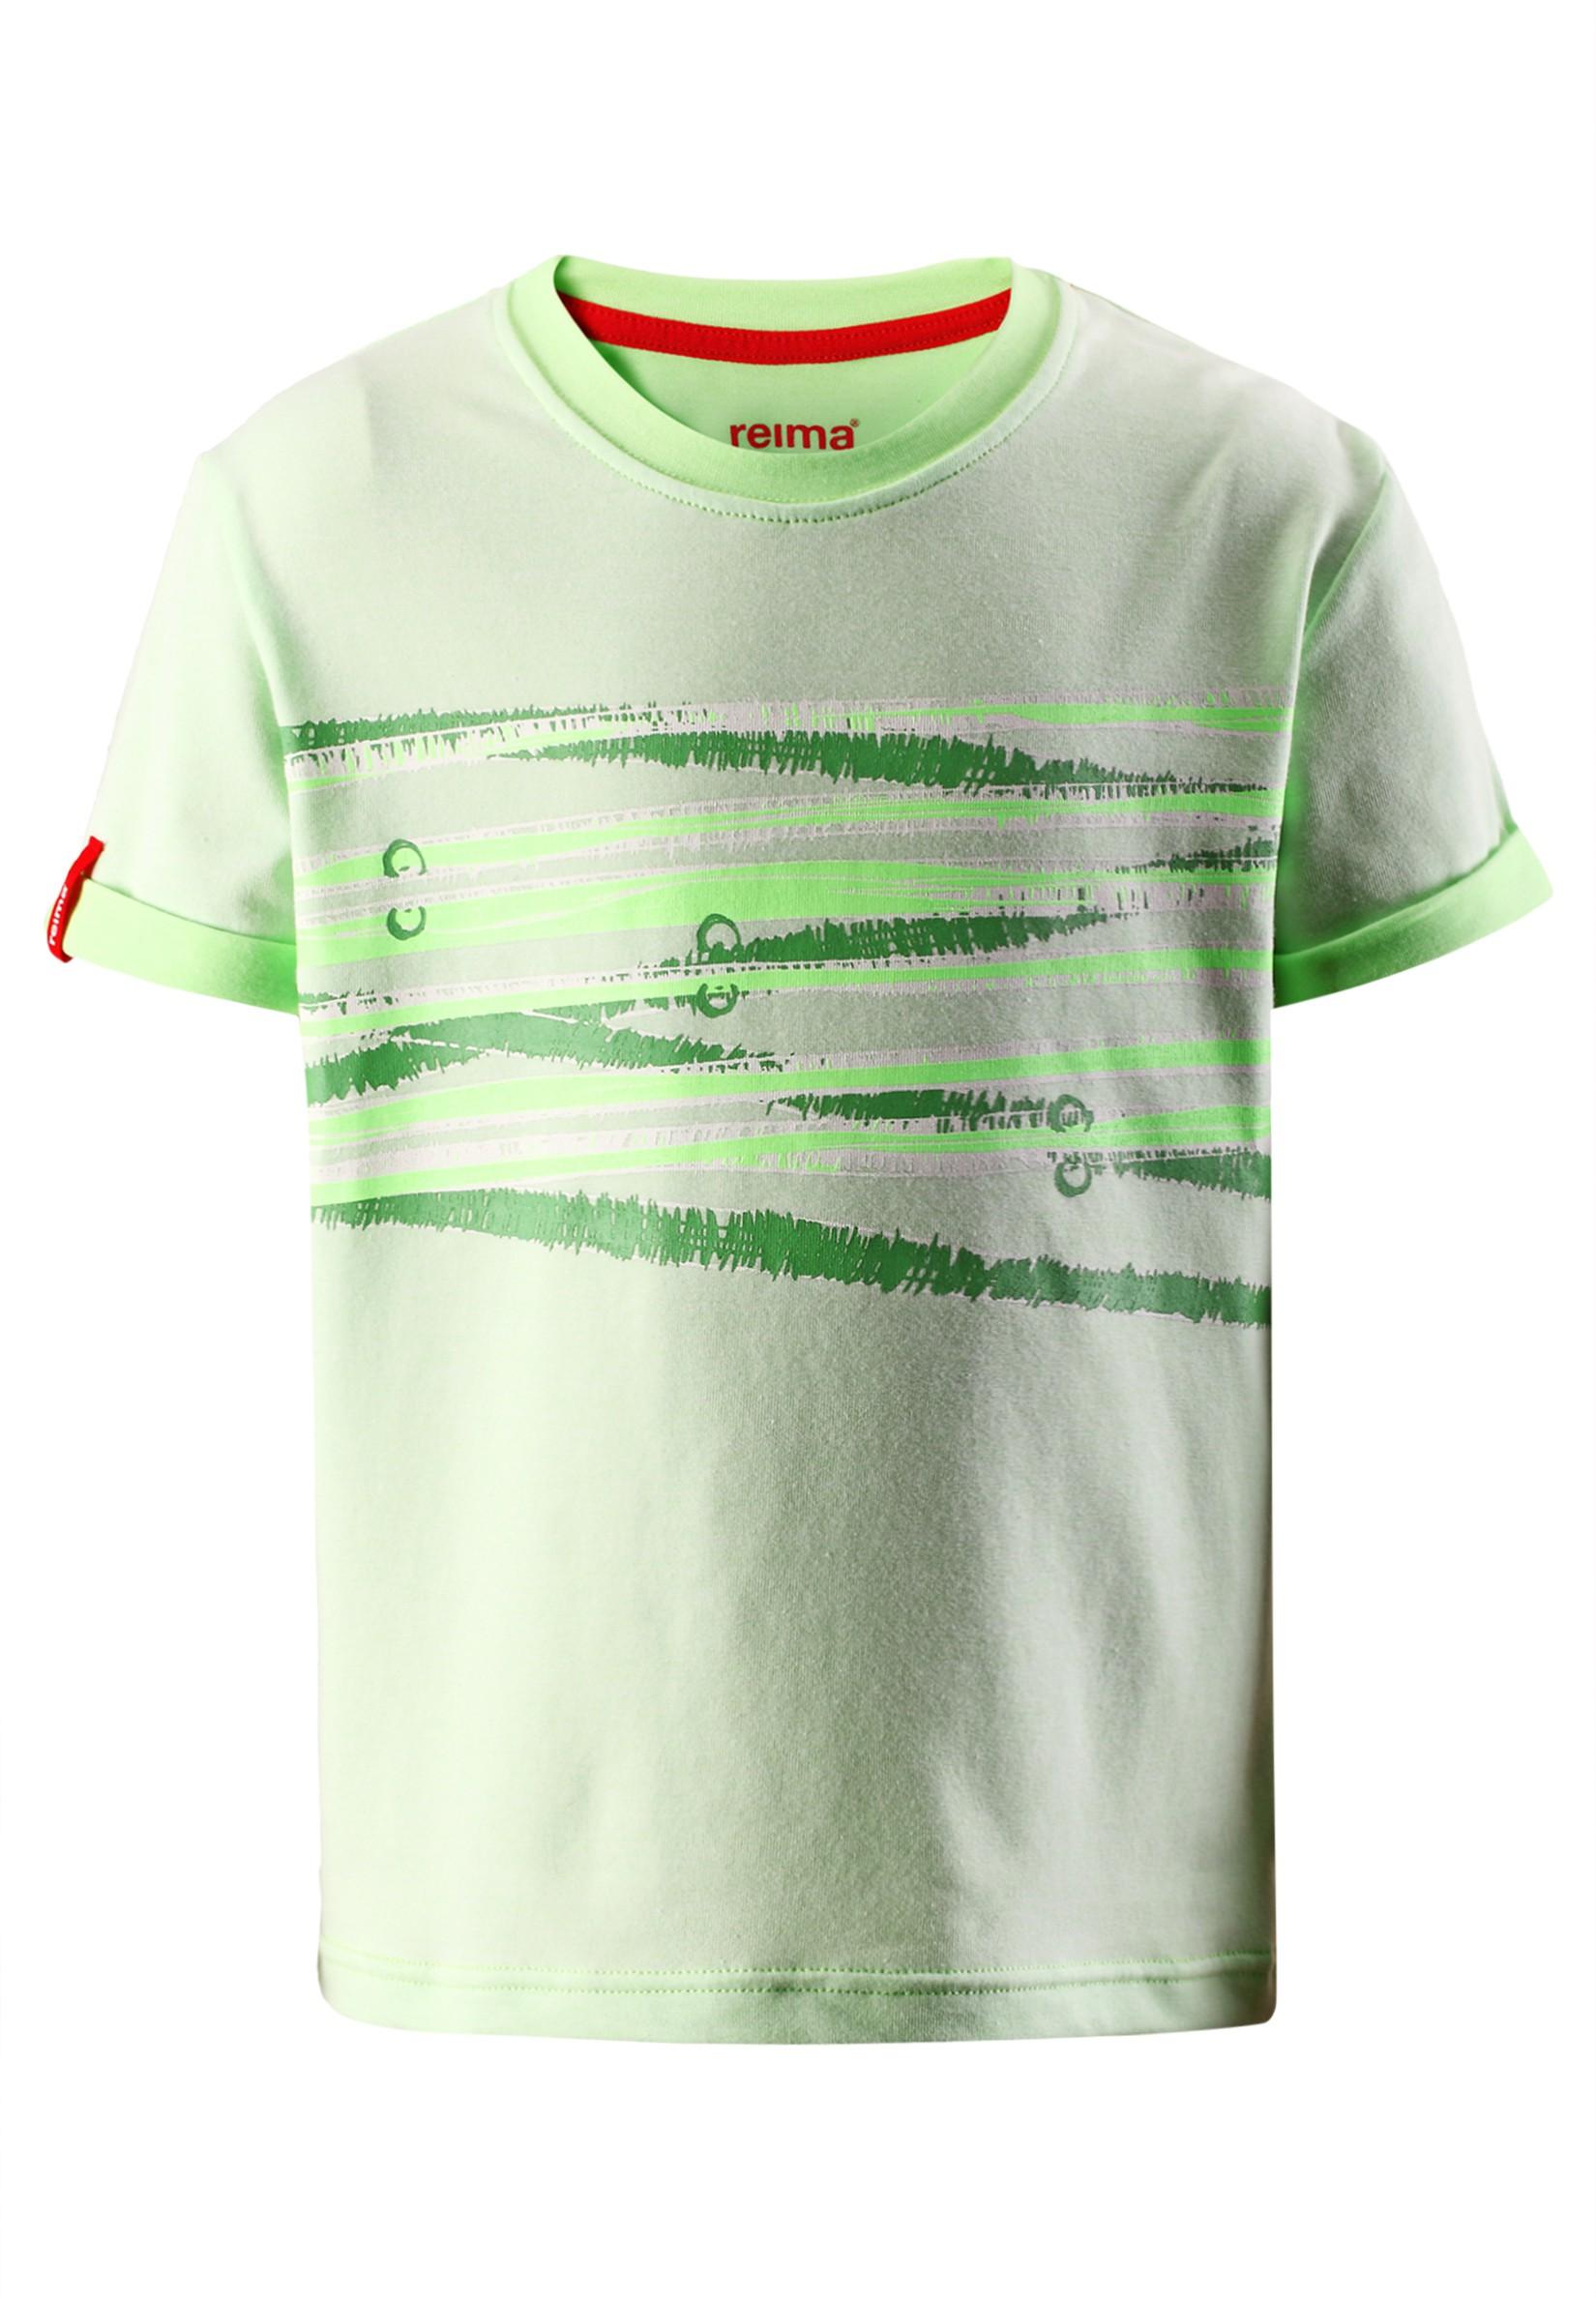 Детская футболка с аппликацией - 5 идей для маскировки пятен